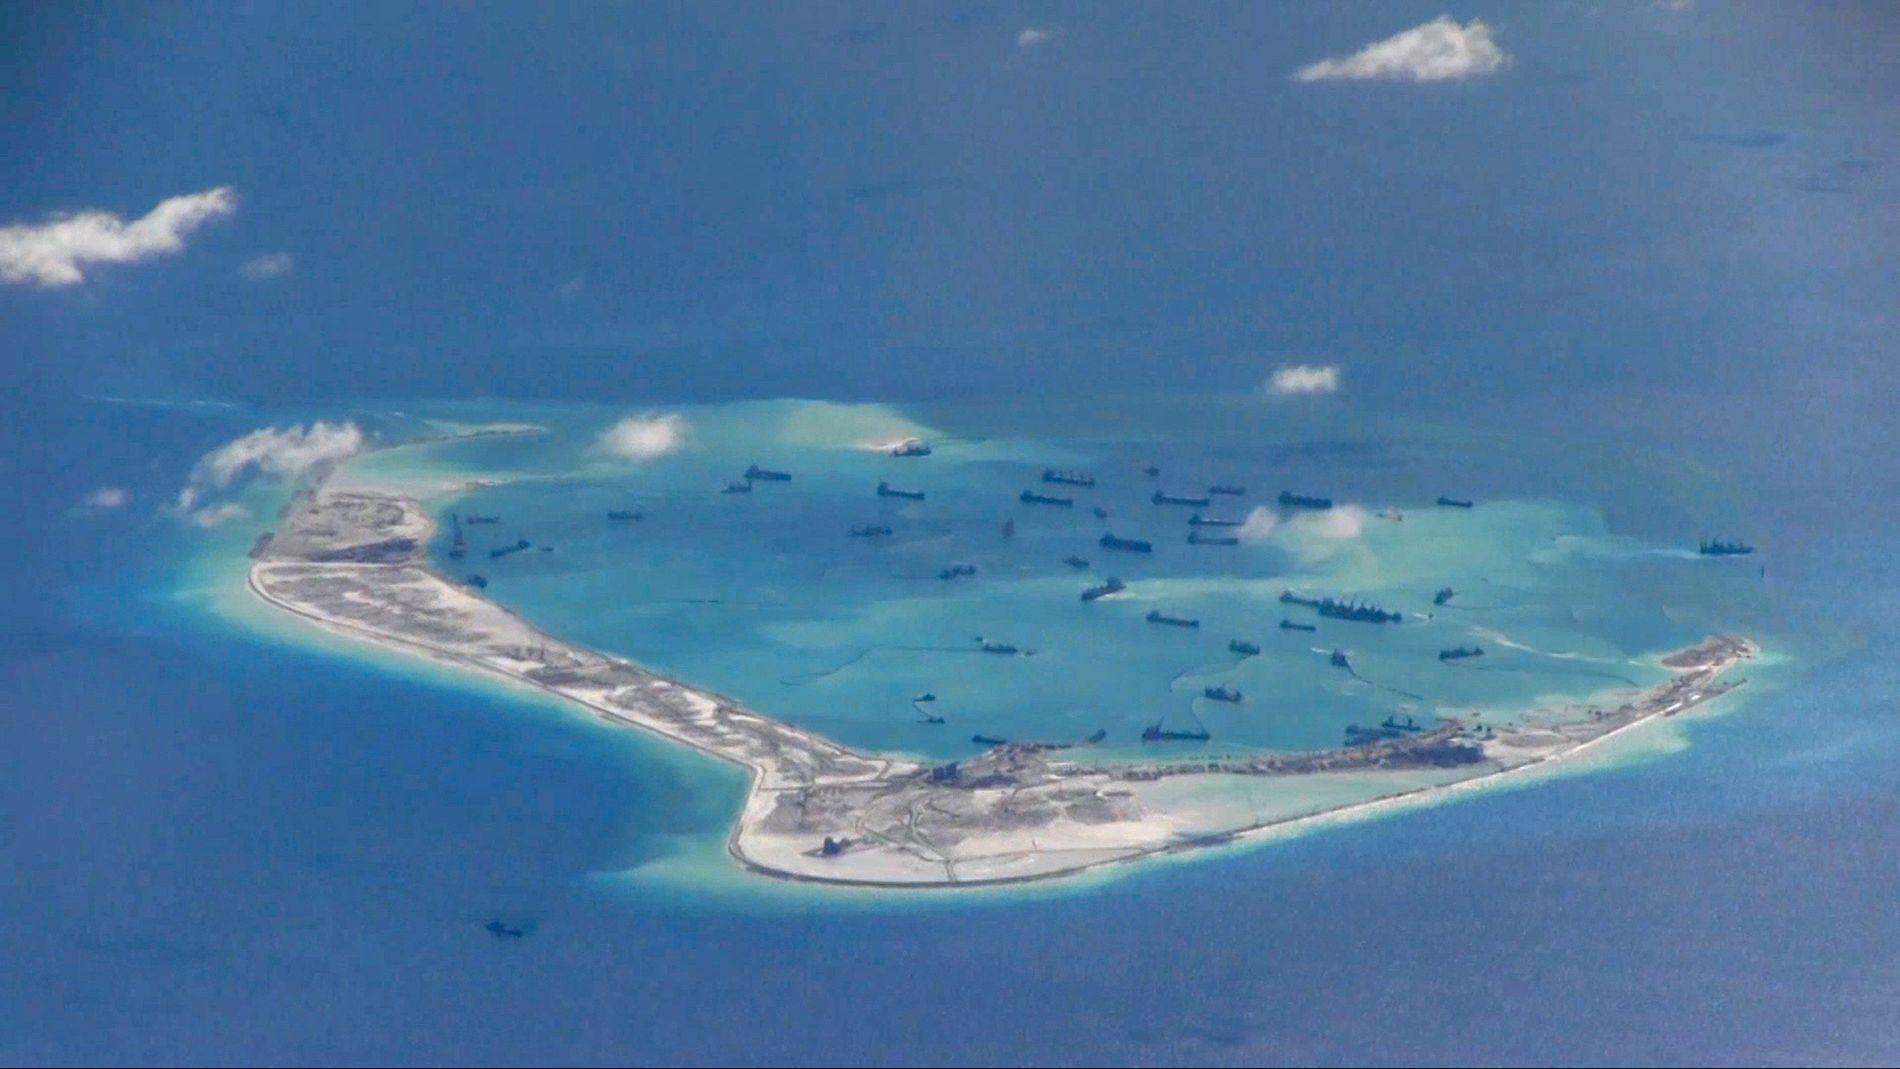 Det som angivelig er kinesiske fartøy i nærheten av Mischief Reef i Sør-Kinahavet. Nå får Kina kritikk for å militarisere området.